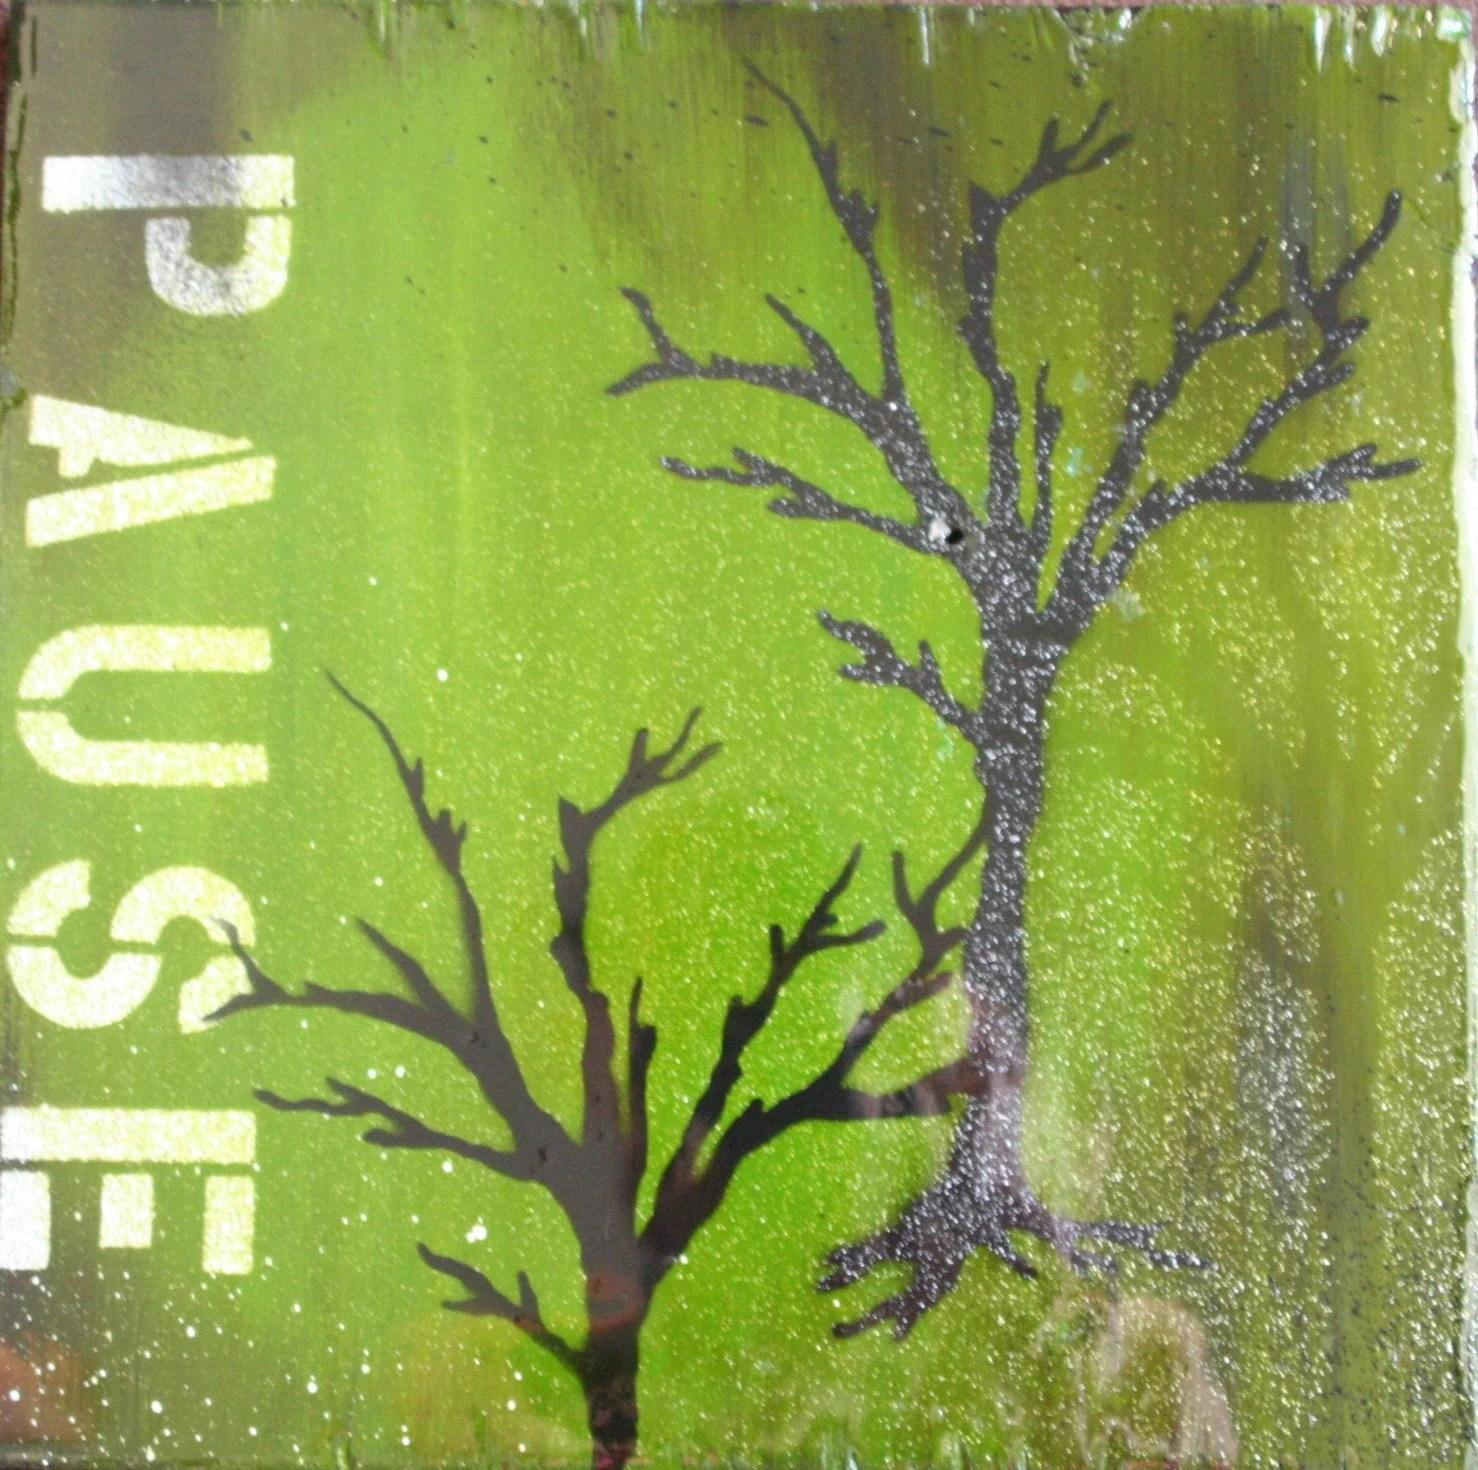 Pause I (12x12) $60